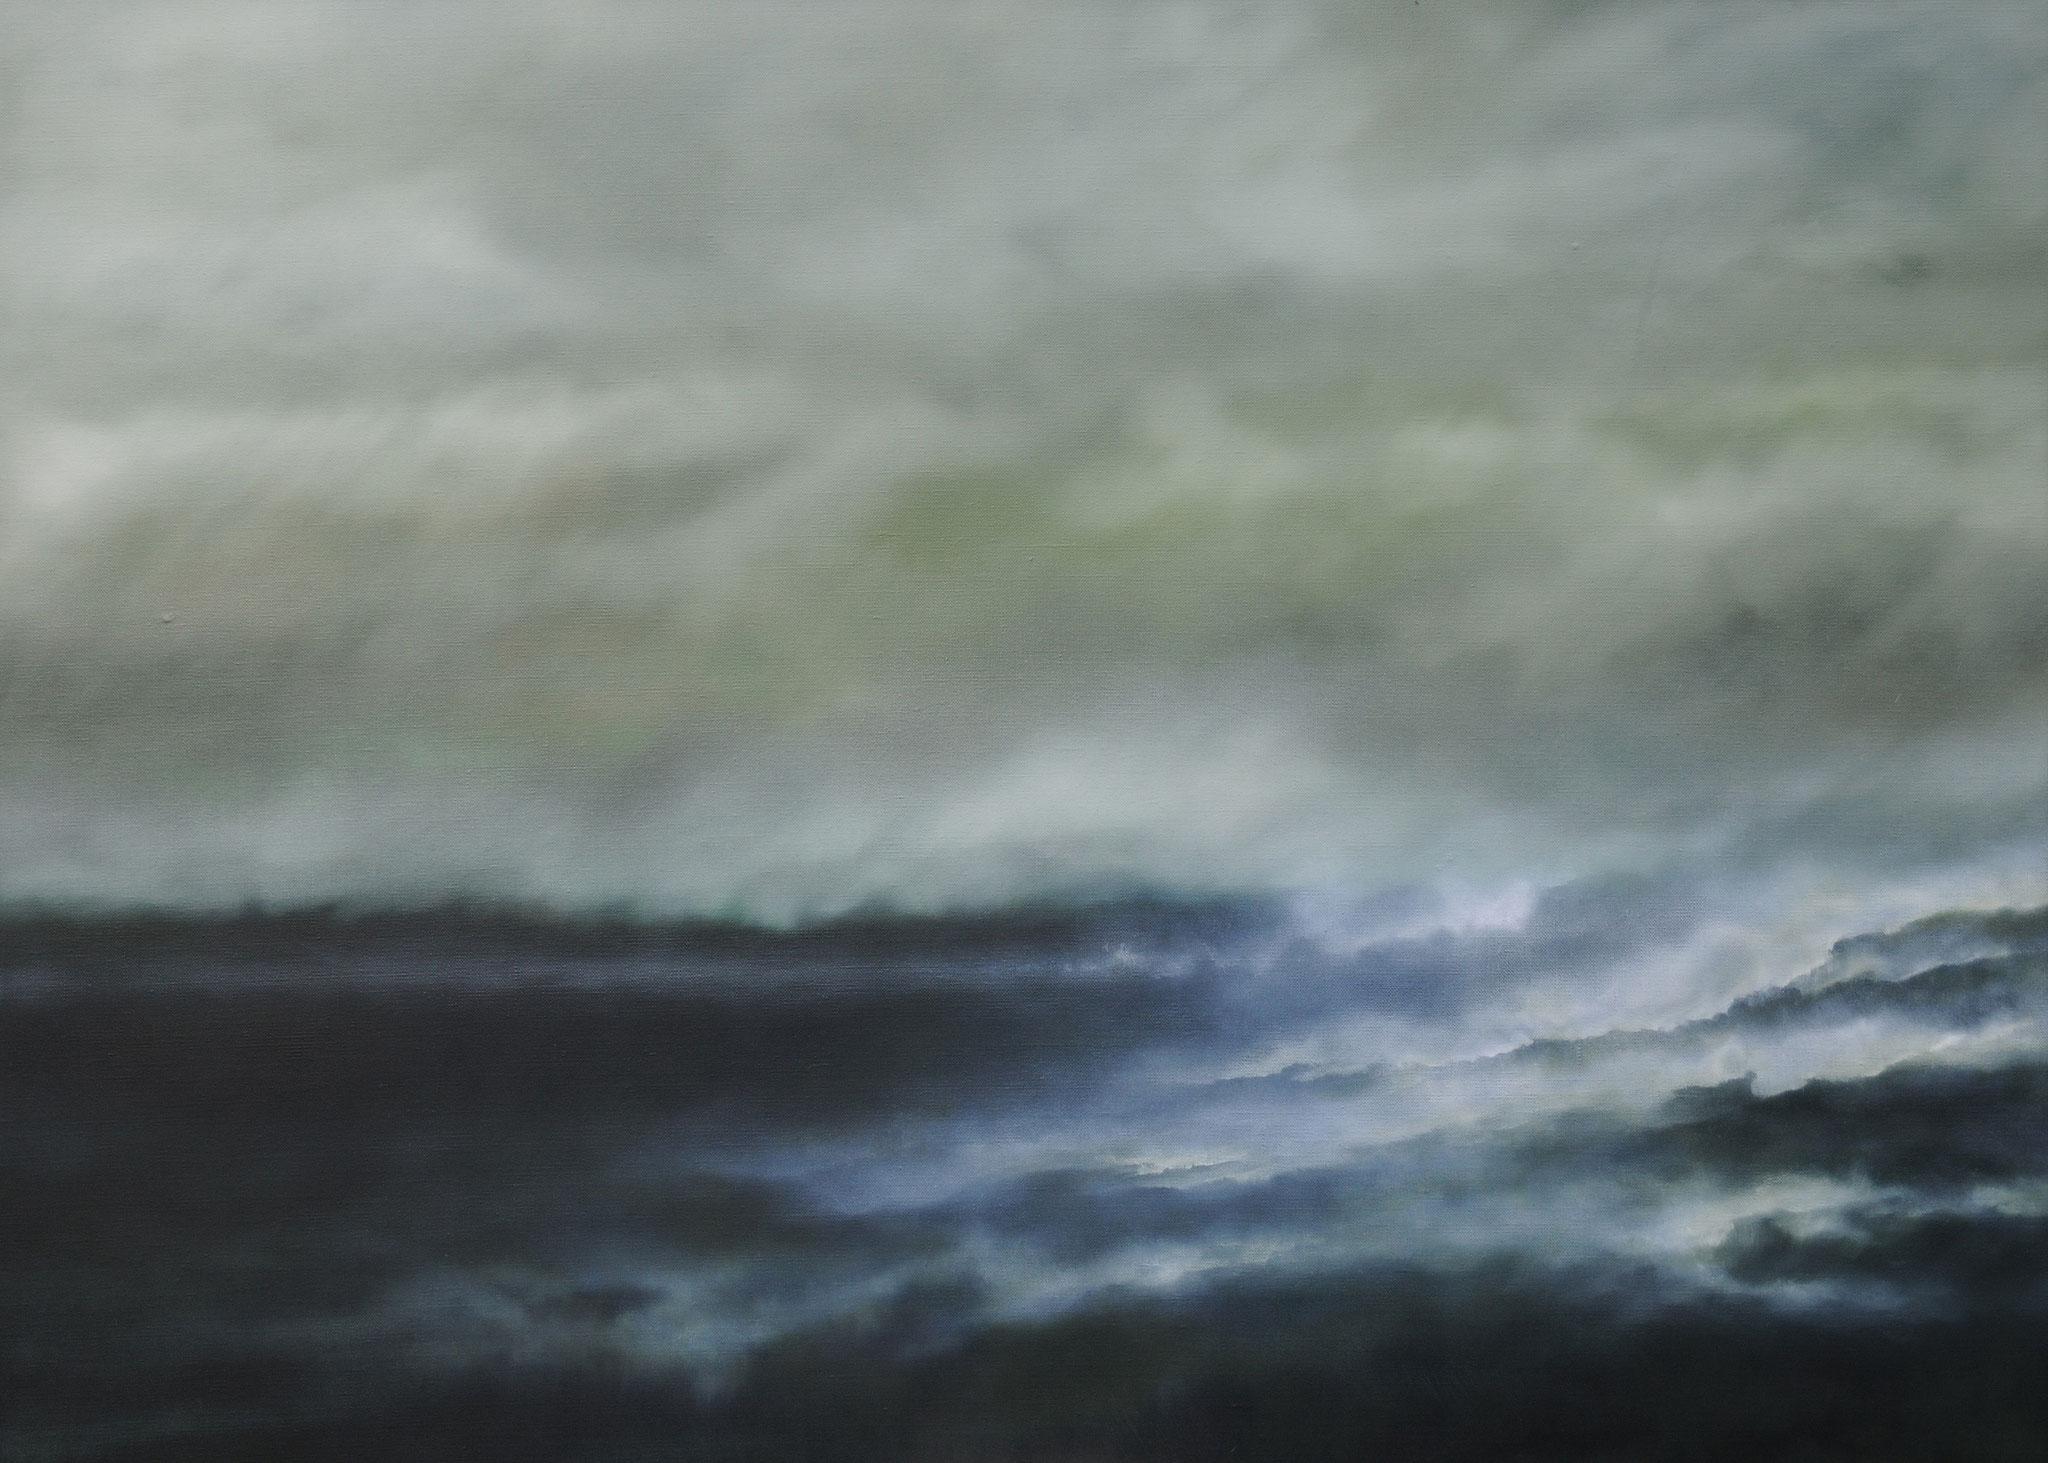 FINNISCHE IMPRESSIONEN 1, 2017, Öl/Lwd., 100 x 140cm